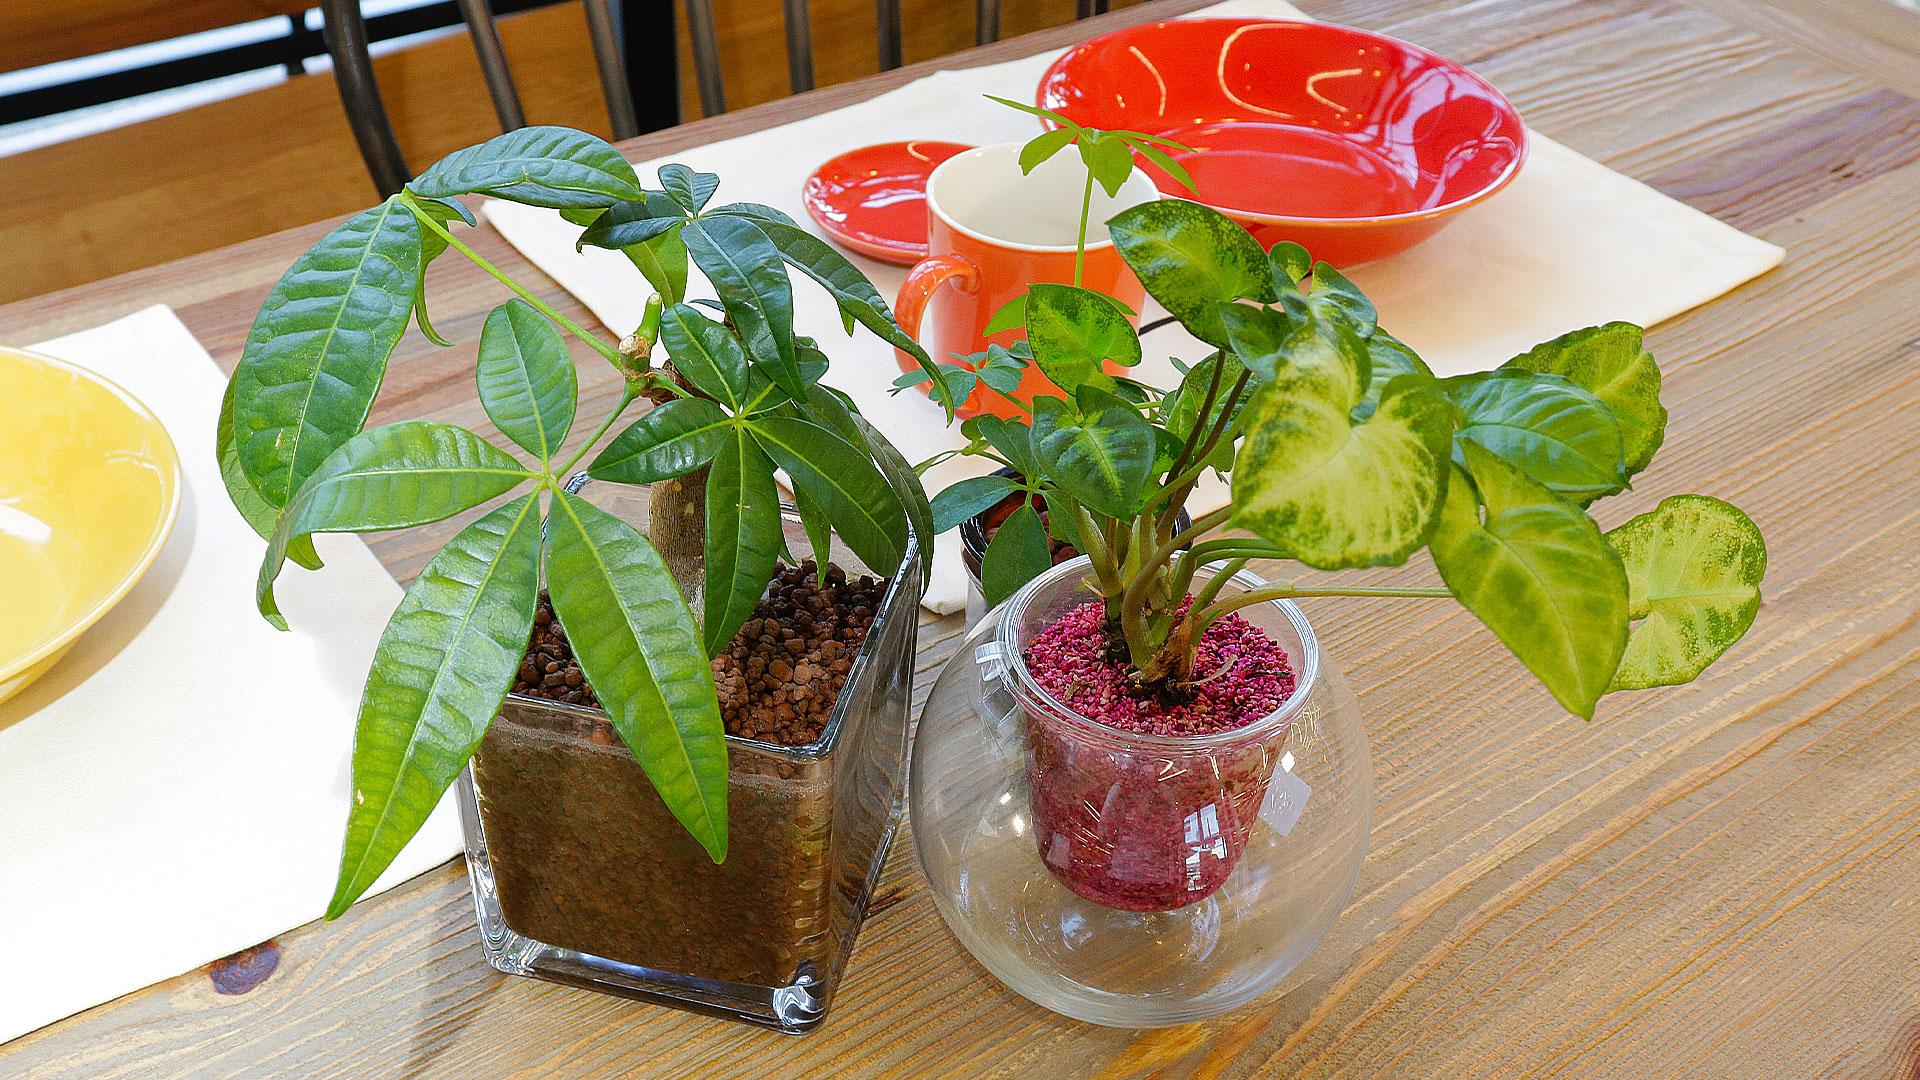 ハイドロカルチャーの観葉植物は清潔で食卓テーブルの上に置いても安心